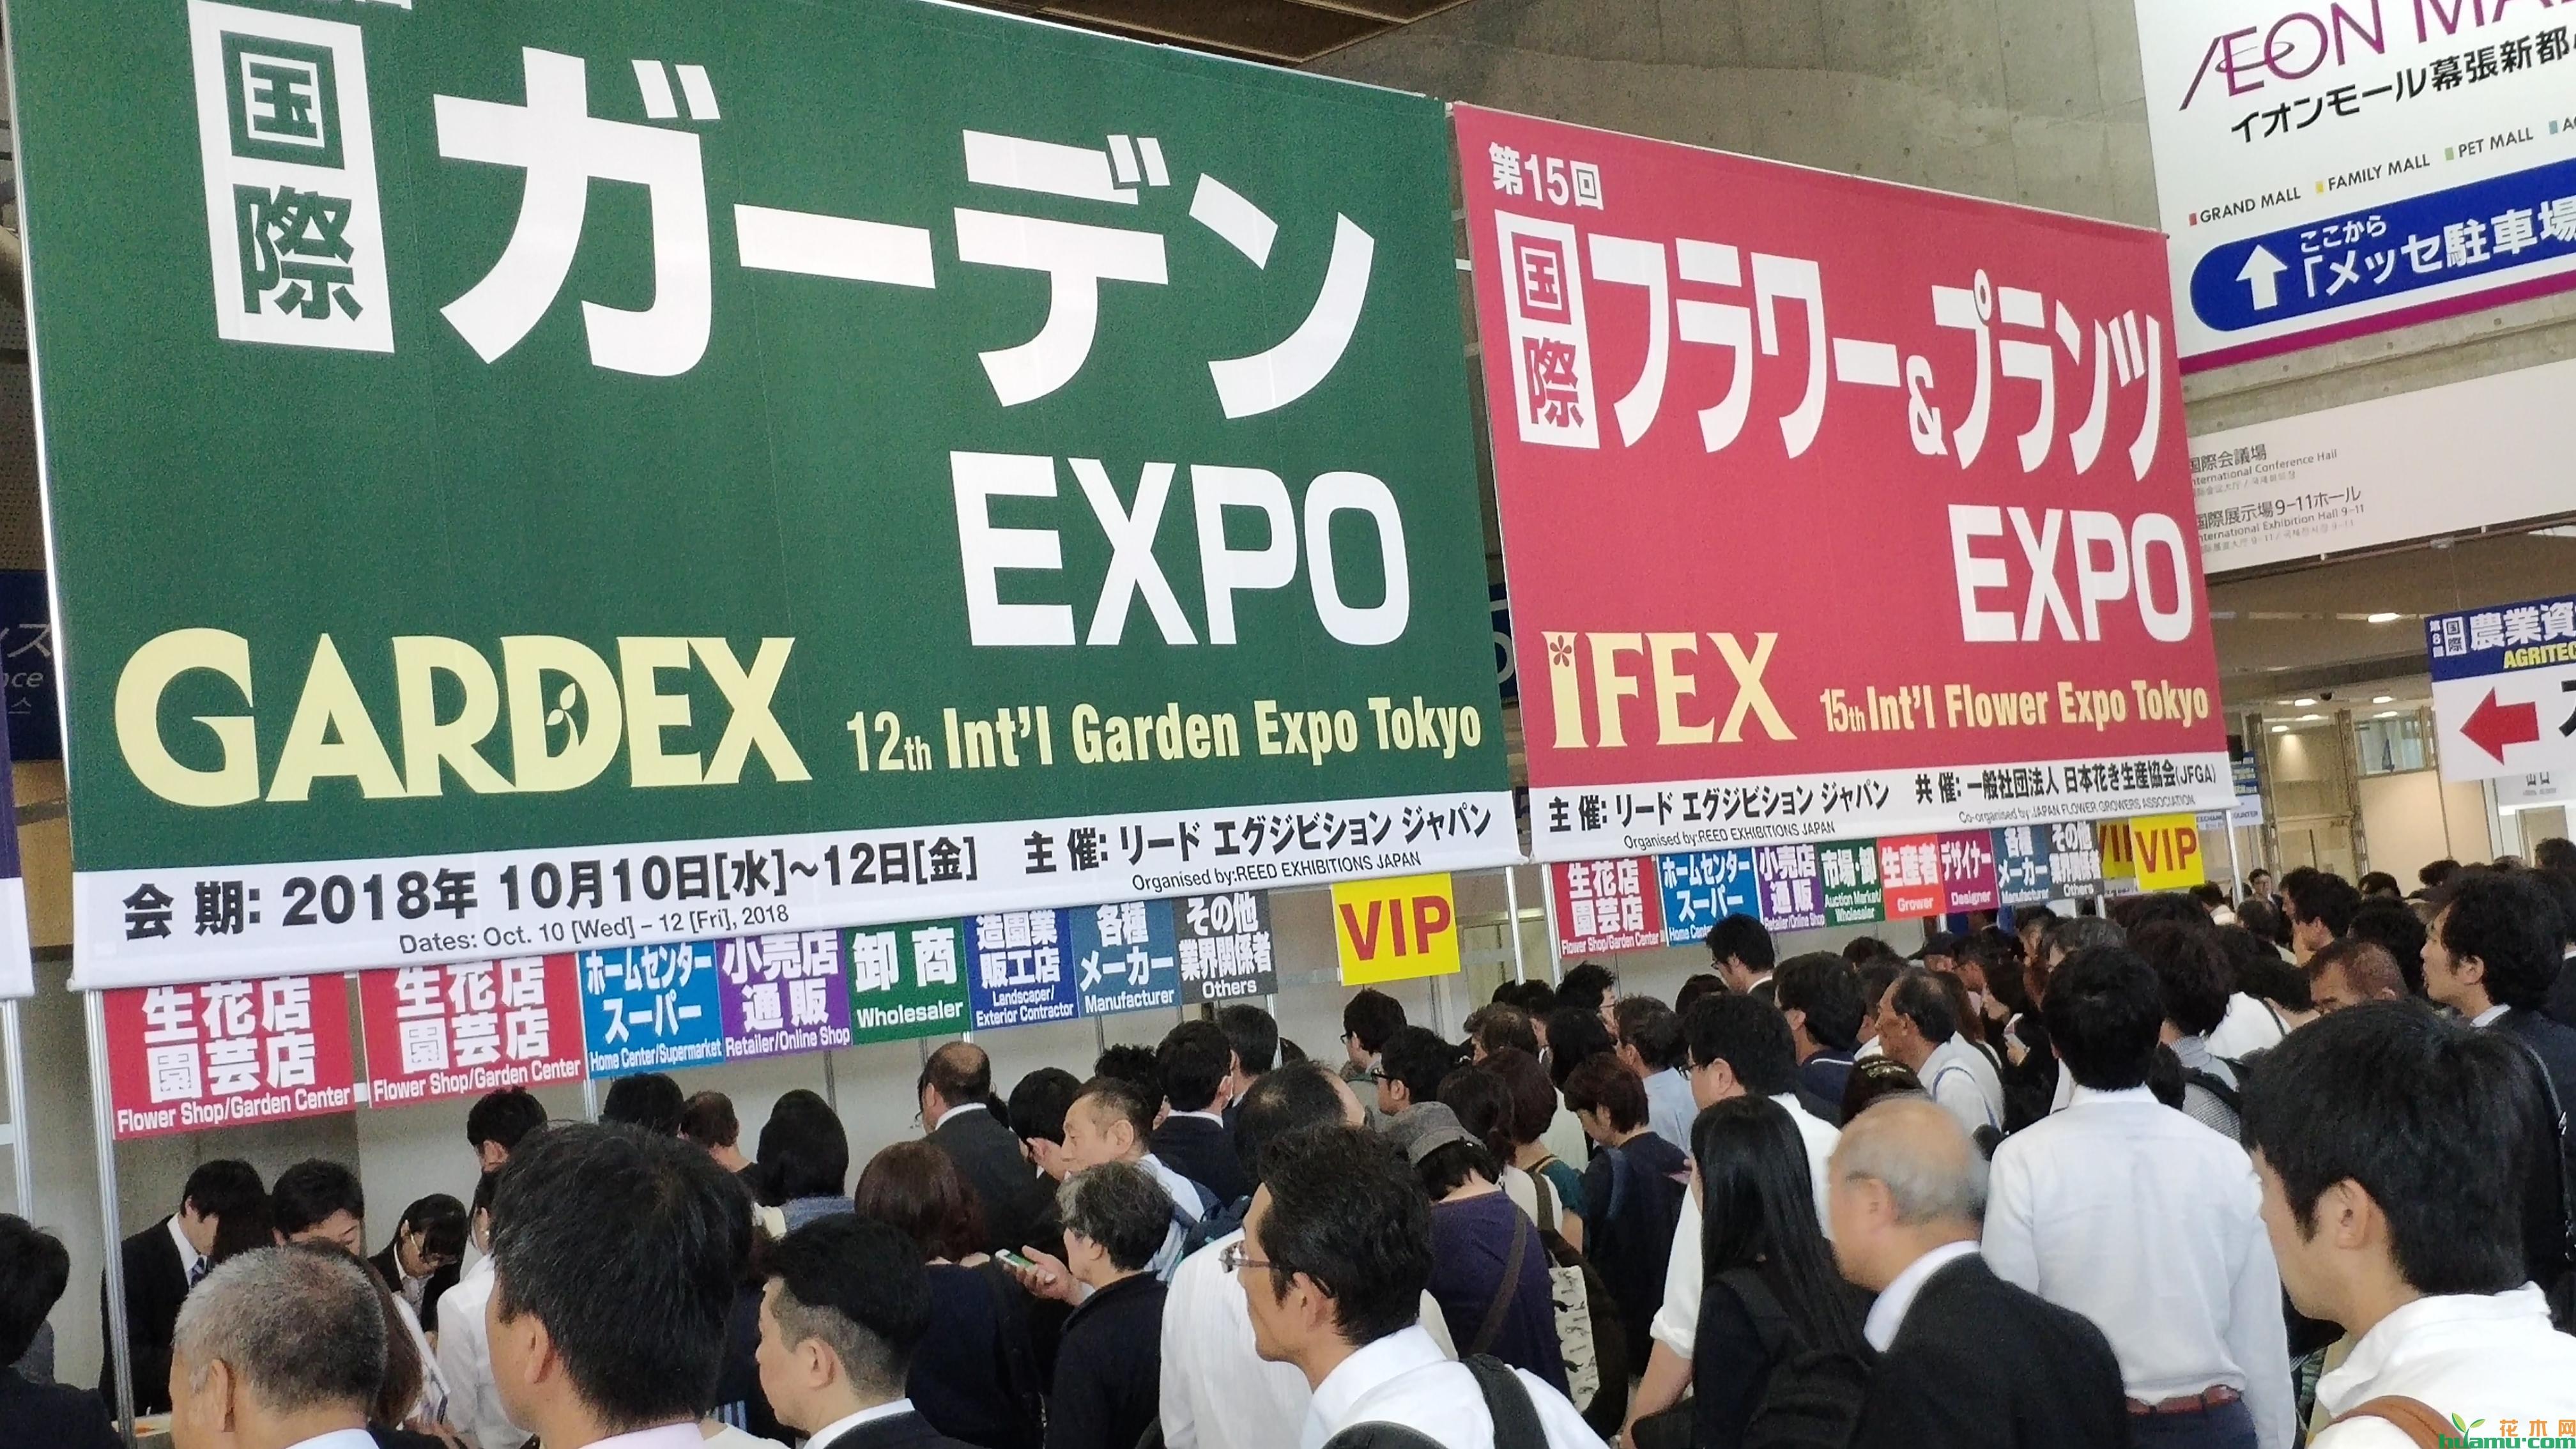 2019日本东京国际花卉园艺资材用品展览会